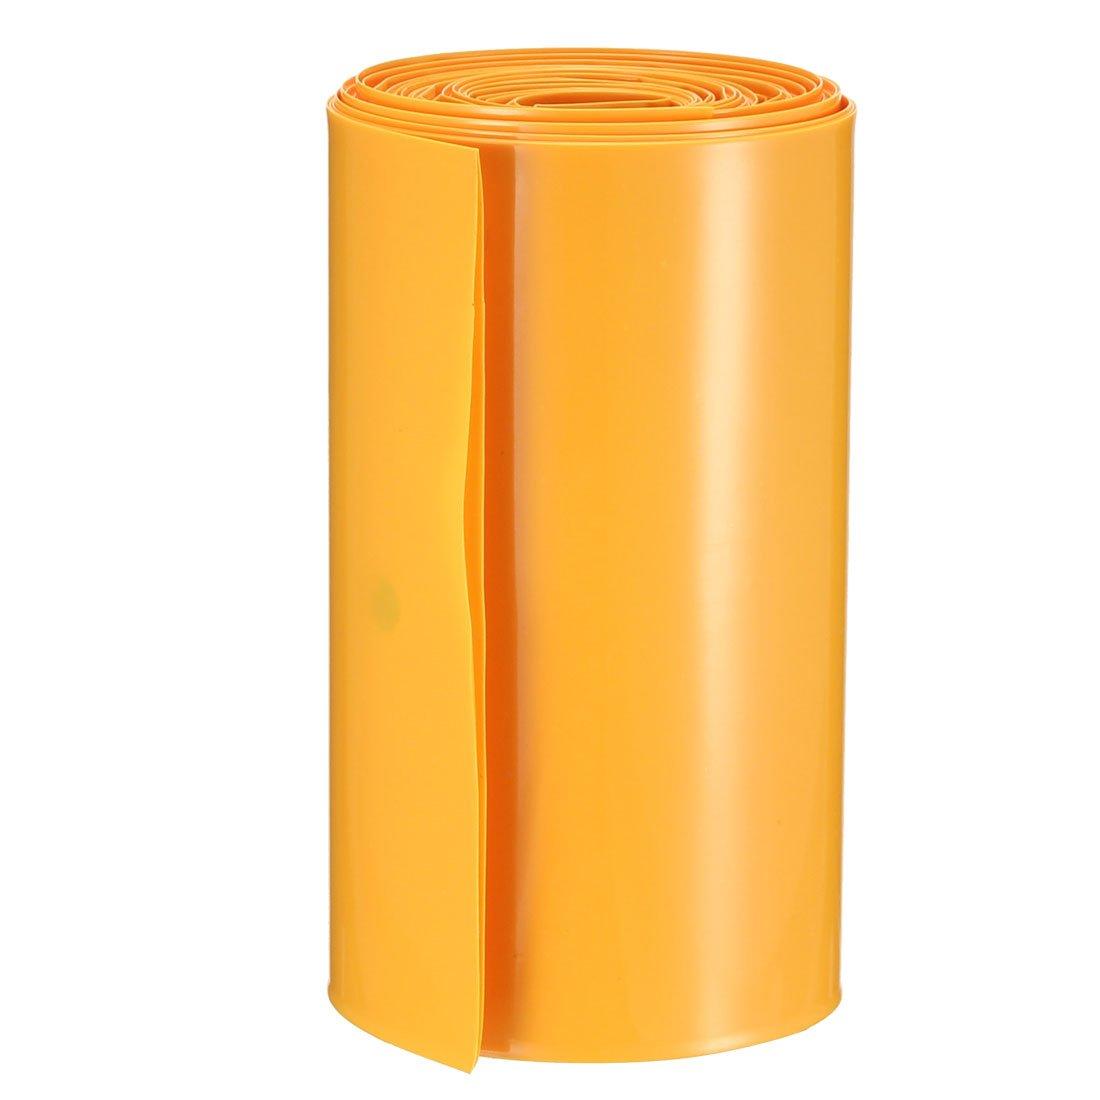 sourcing map PVC termorestringente tubo 103 mm per 2 x 18650 pellicola termoretraibile 103mm-16.4 Ft Rosso